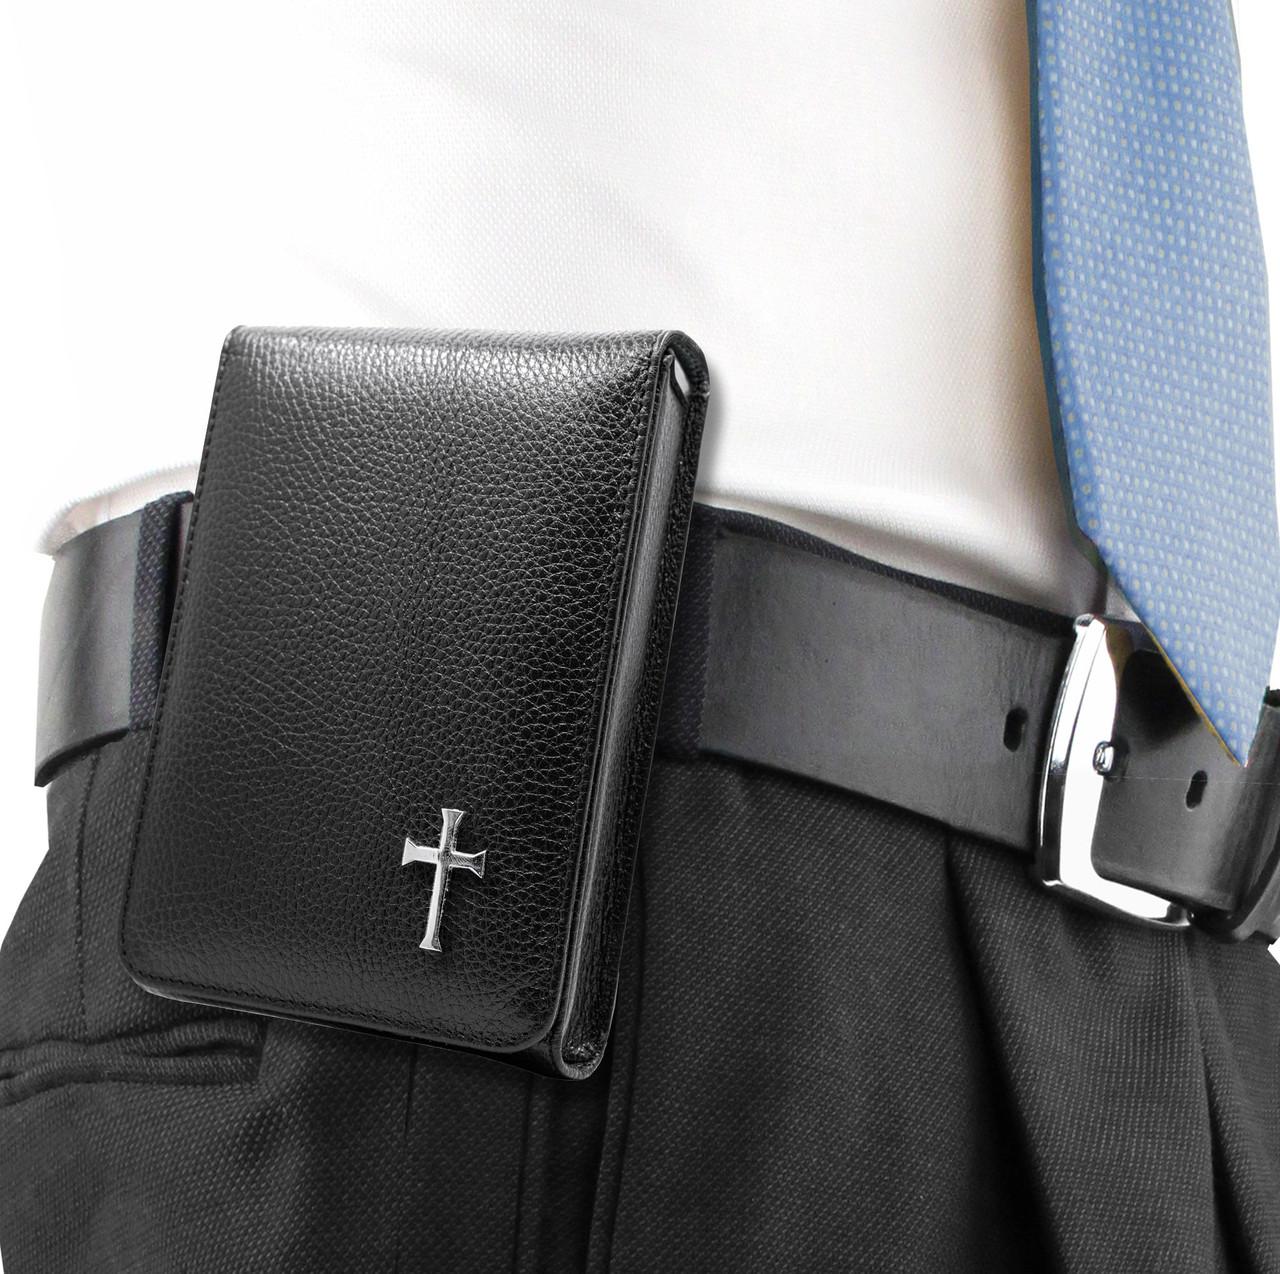 HK VP40 Black Leather Cross Series Holster